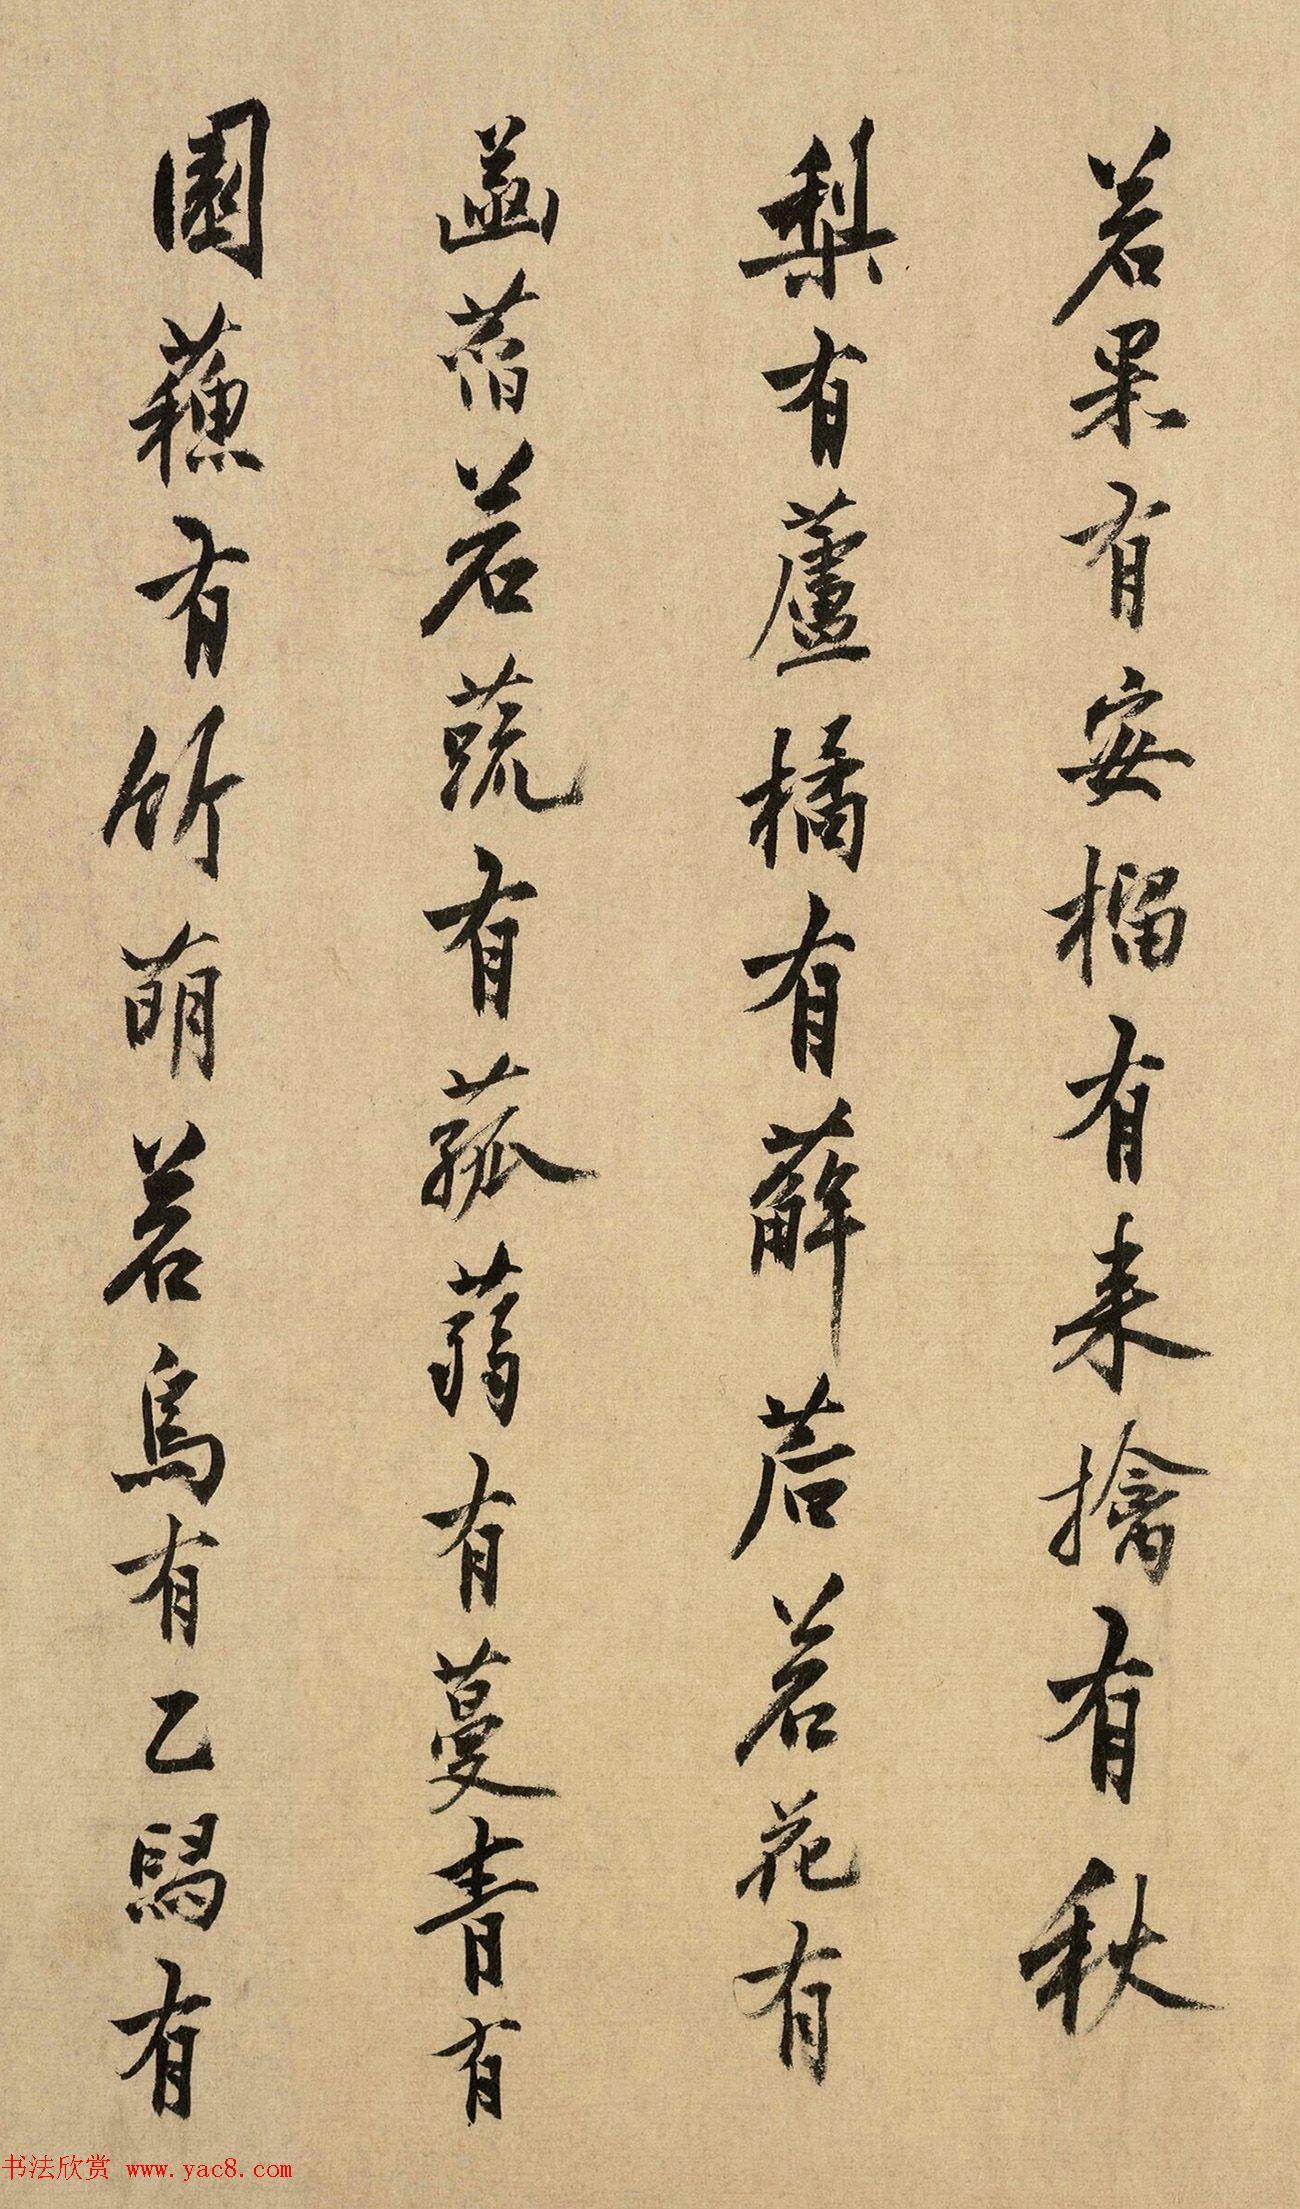 沈周书法题跋牧溪水墨写生图